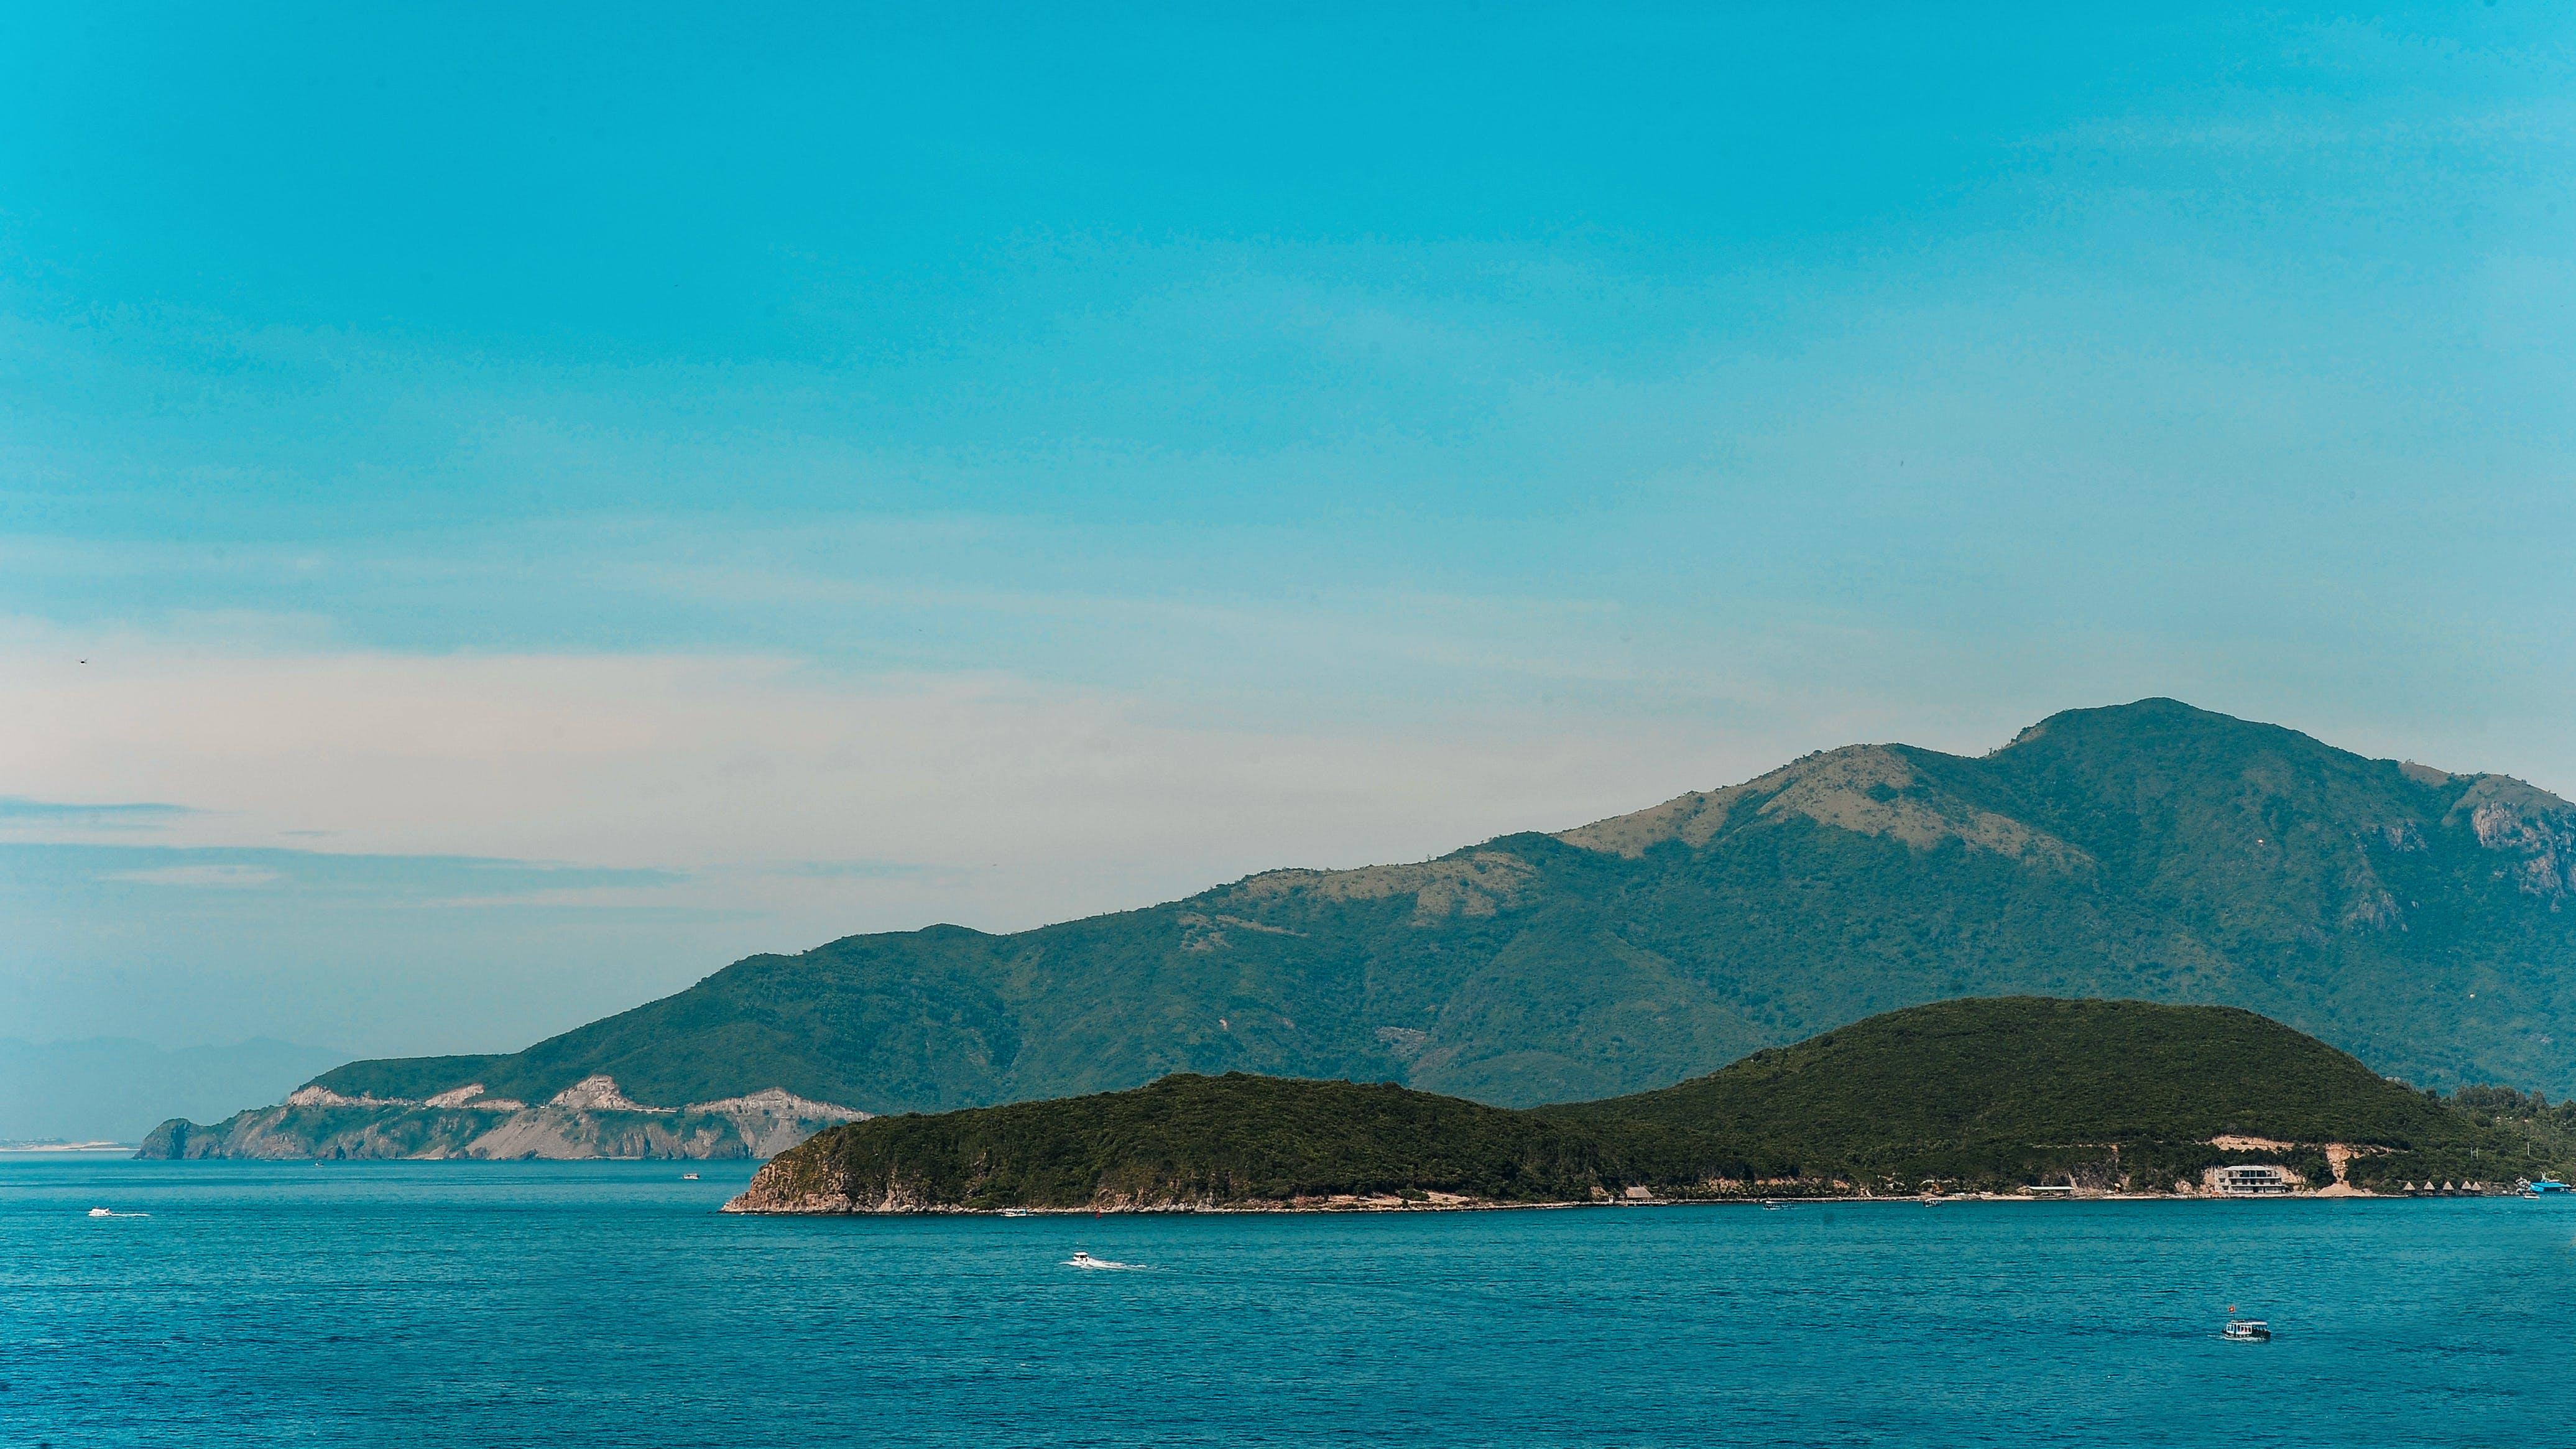 Kostnadsfri bild av båt, bergen, dagsljus, grön